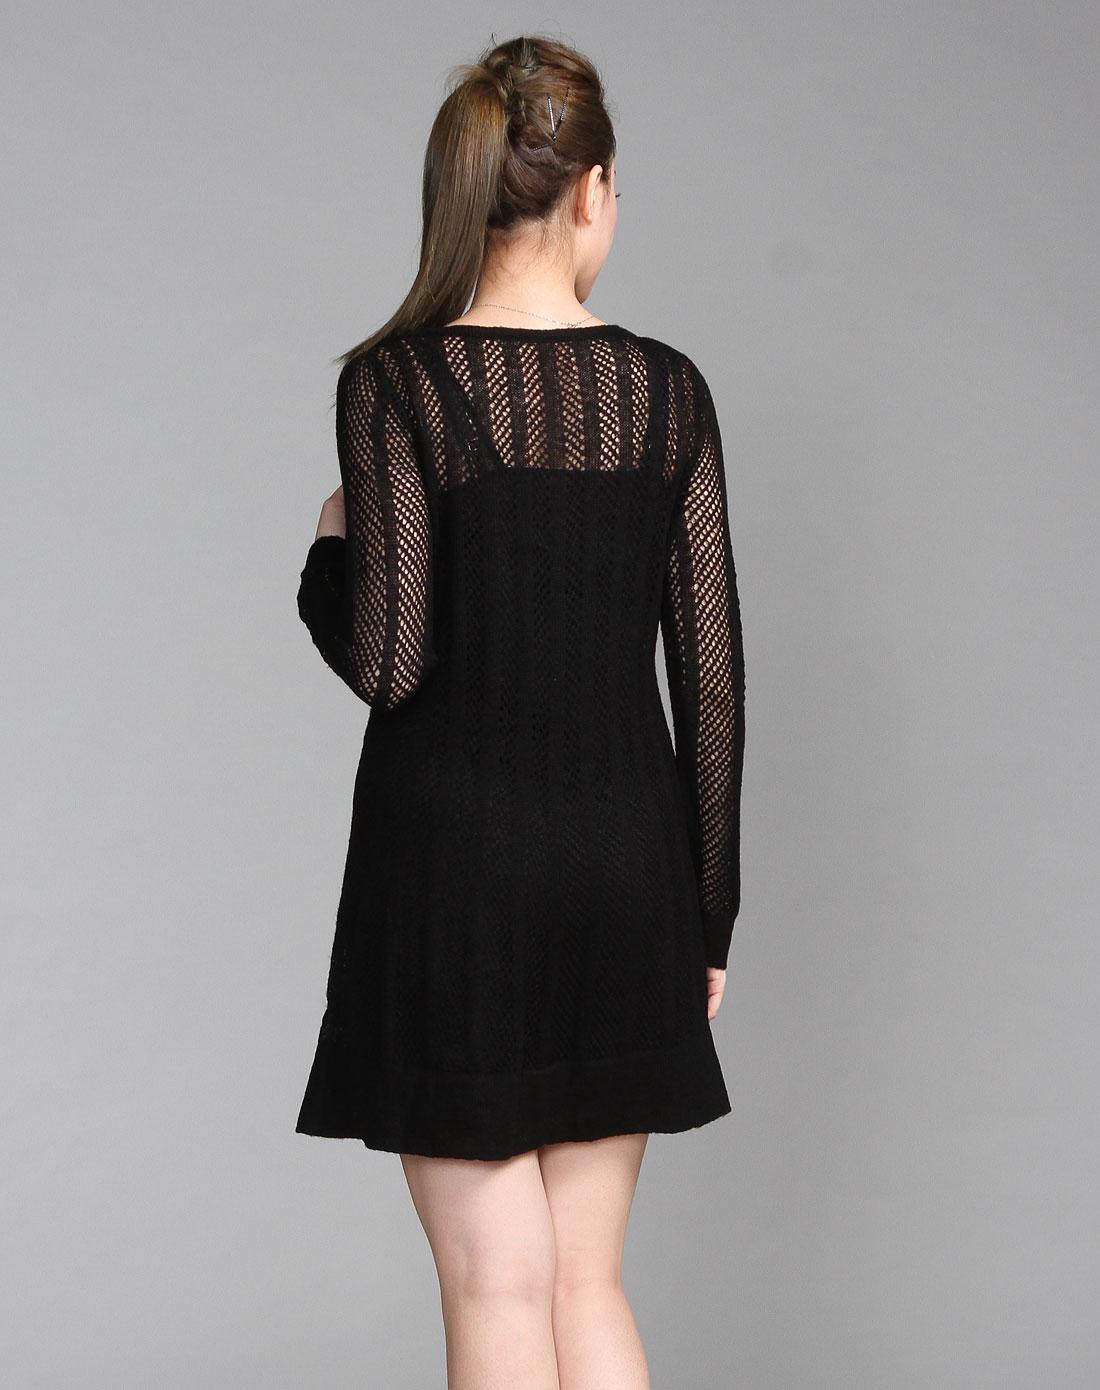 shine黑色镂空针织长袖连衣裙两件套sfg3lq